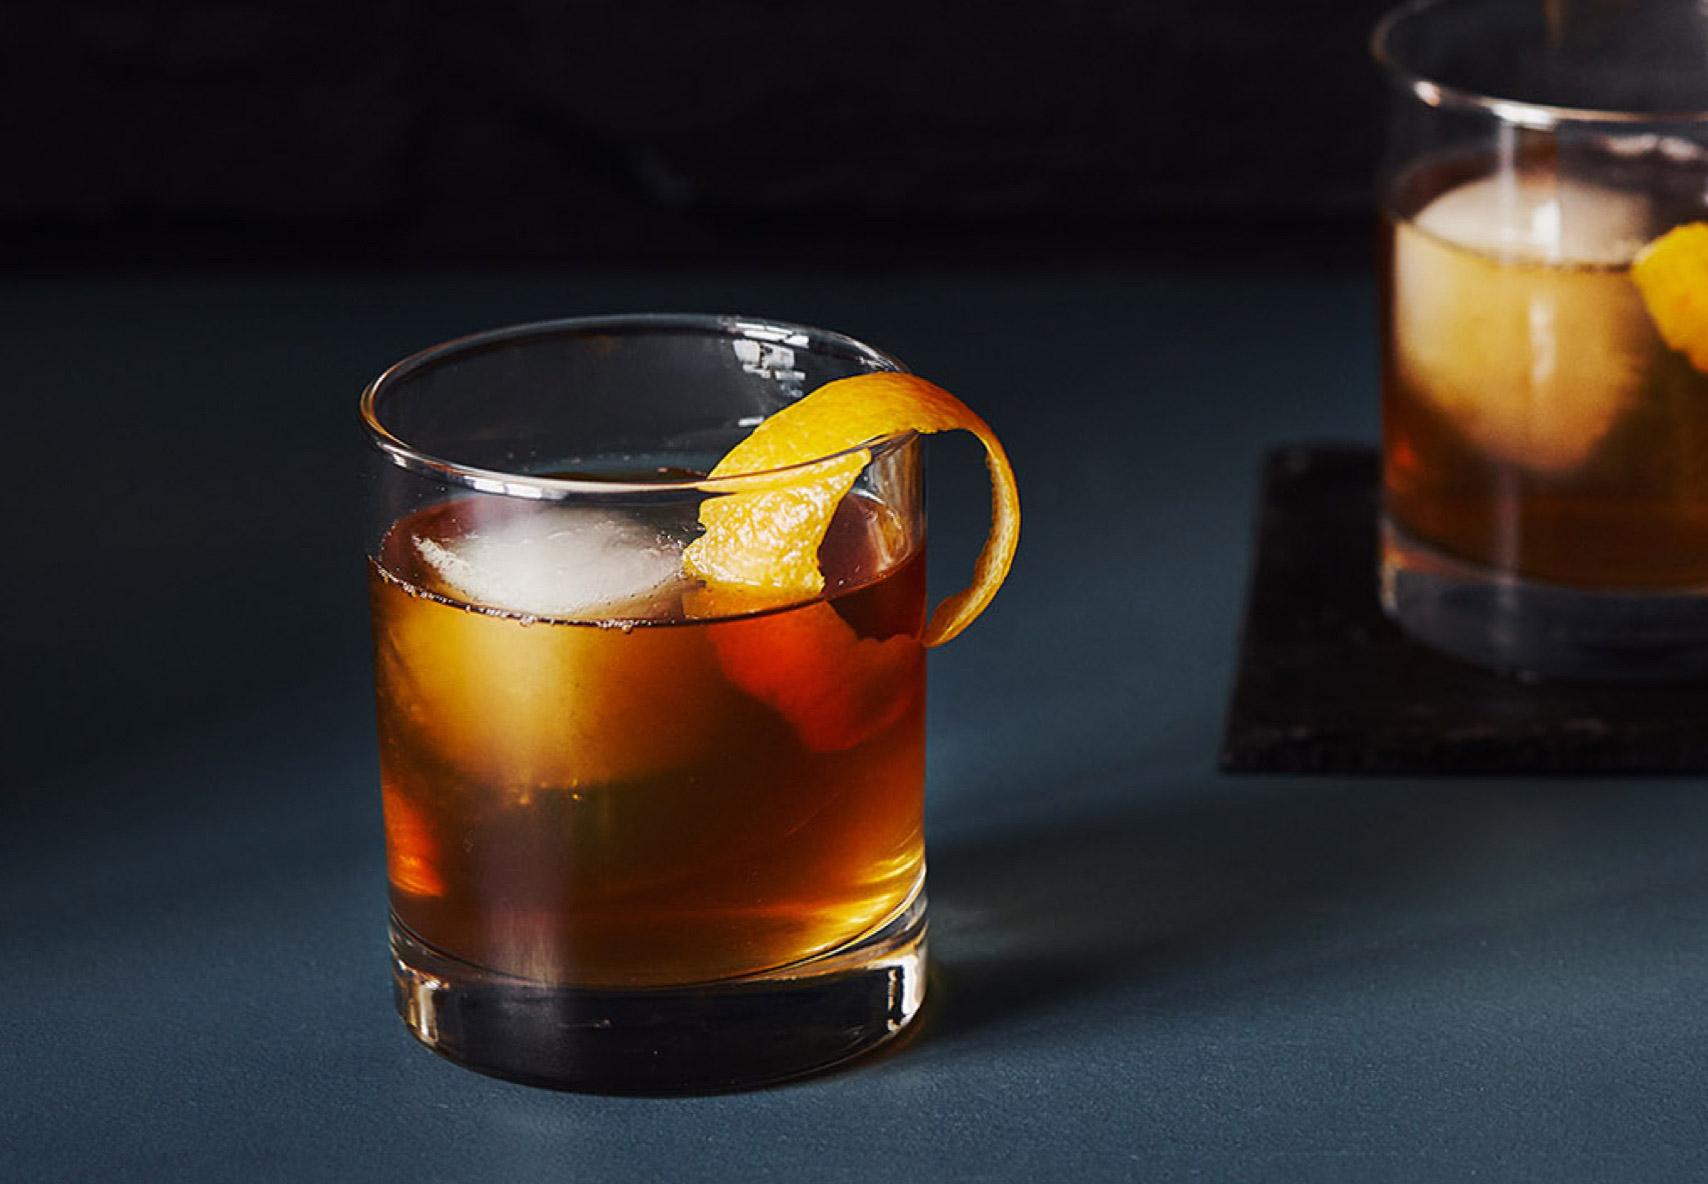 Deux verres à whisky remplis d'un délicieux mélange de bourbon, thé chai, amers, sirop d'érable et glace, surmontés d'une peau d'orange bouclée.